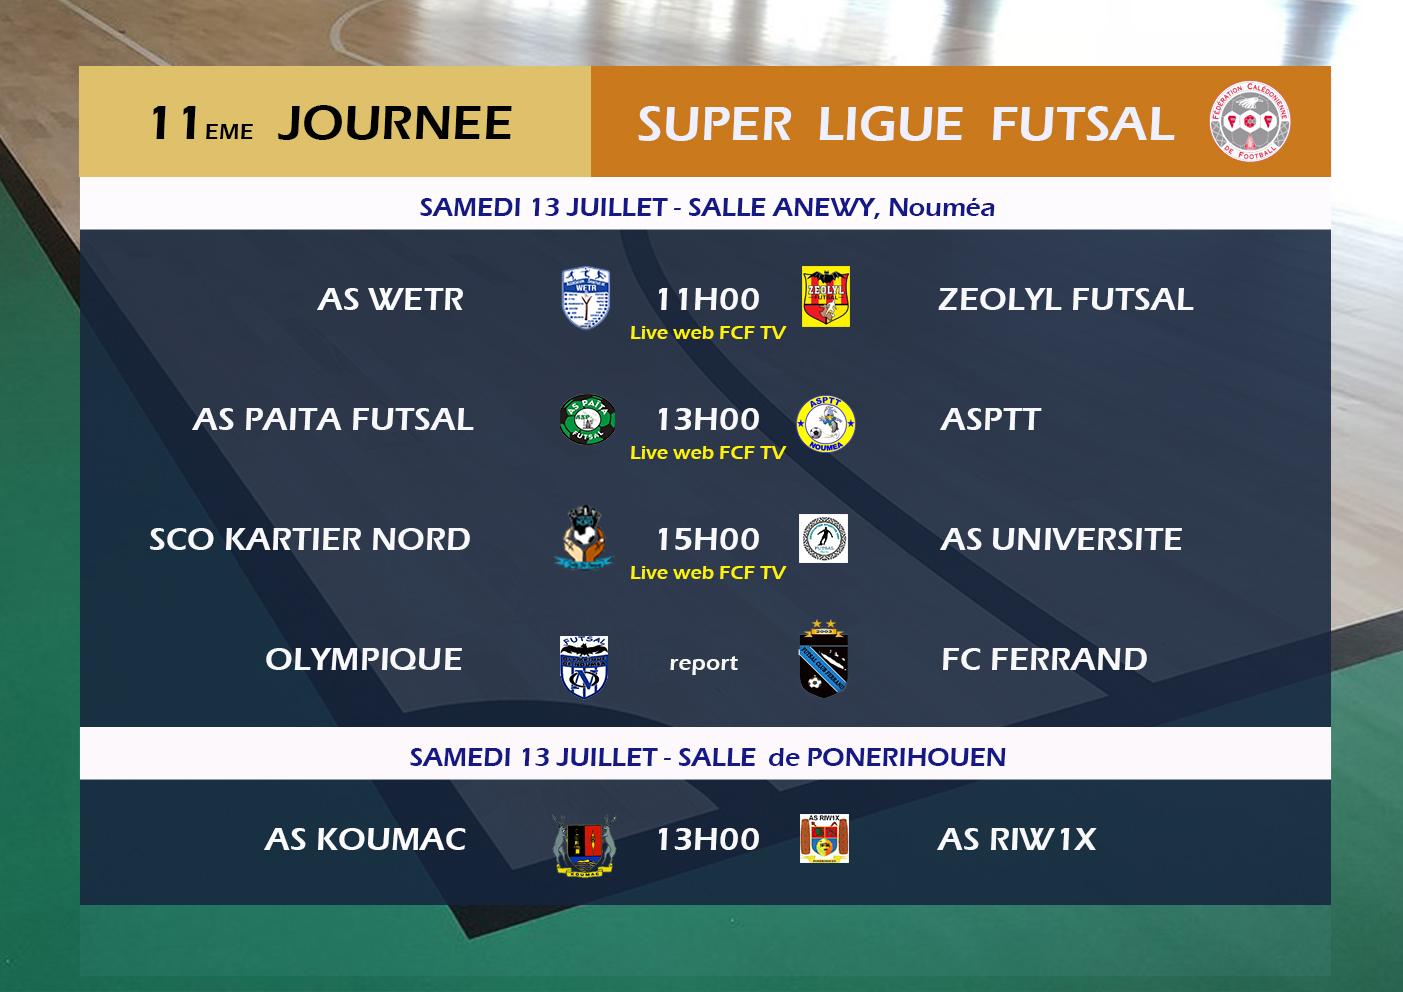 KARTIER NORD au service de la Jeunesse / LIVE Matchs TV web - FUTSAL